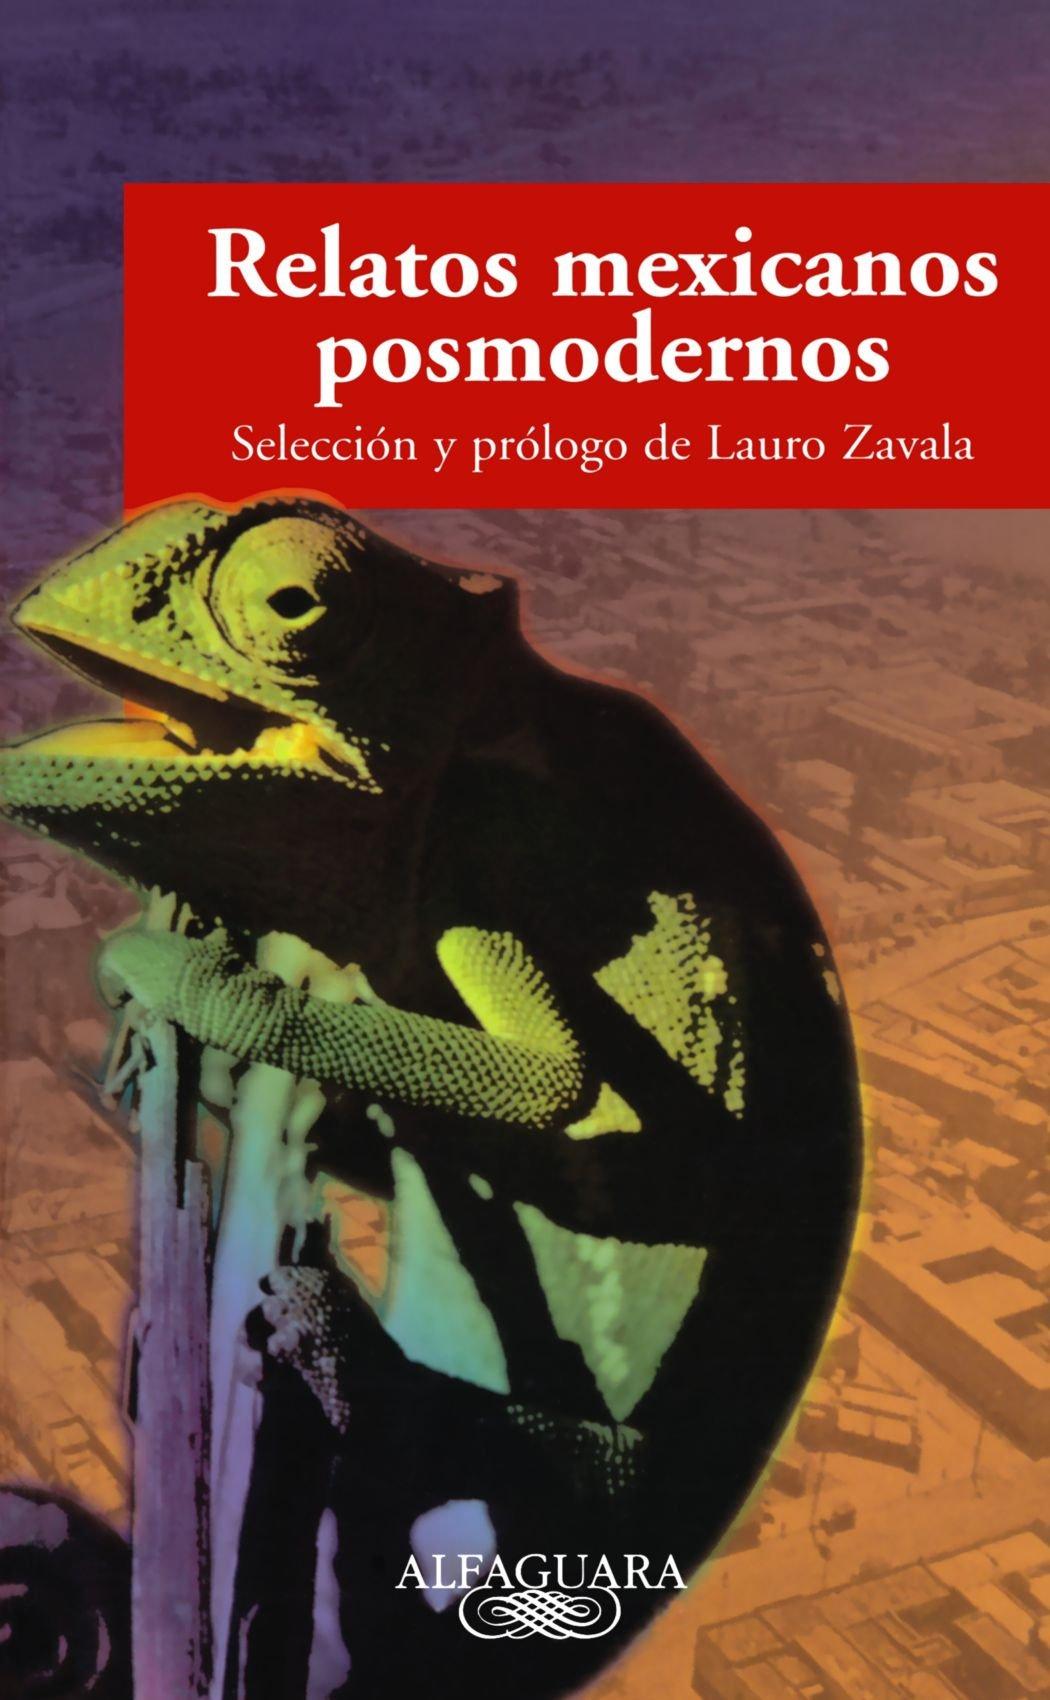 Relatos Mexicanos Posmodernos (Spanish Edition) PDF ePub fb2 book